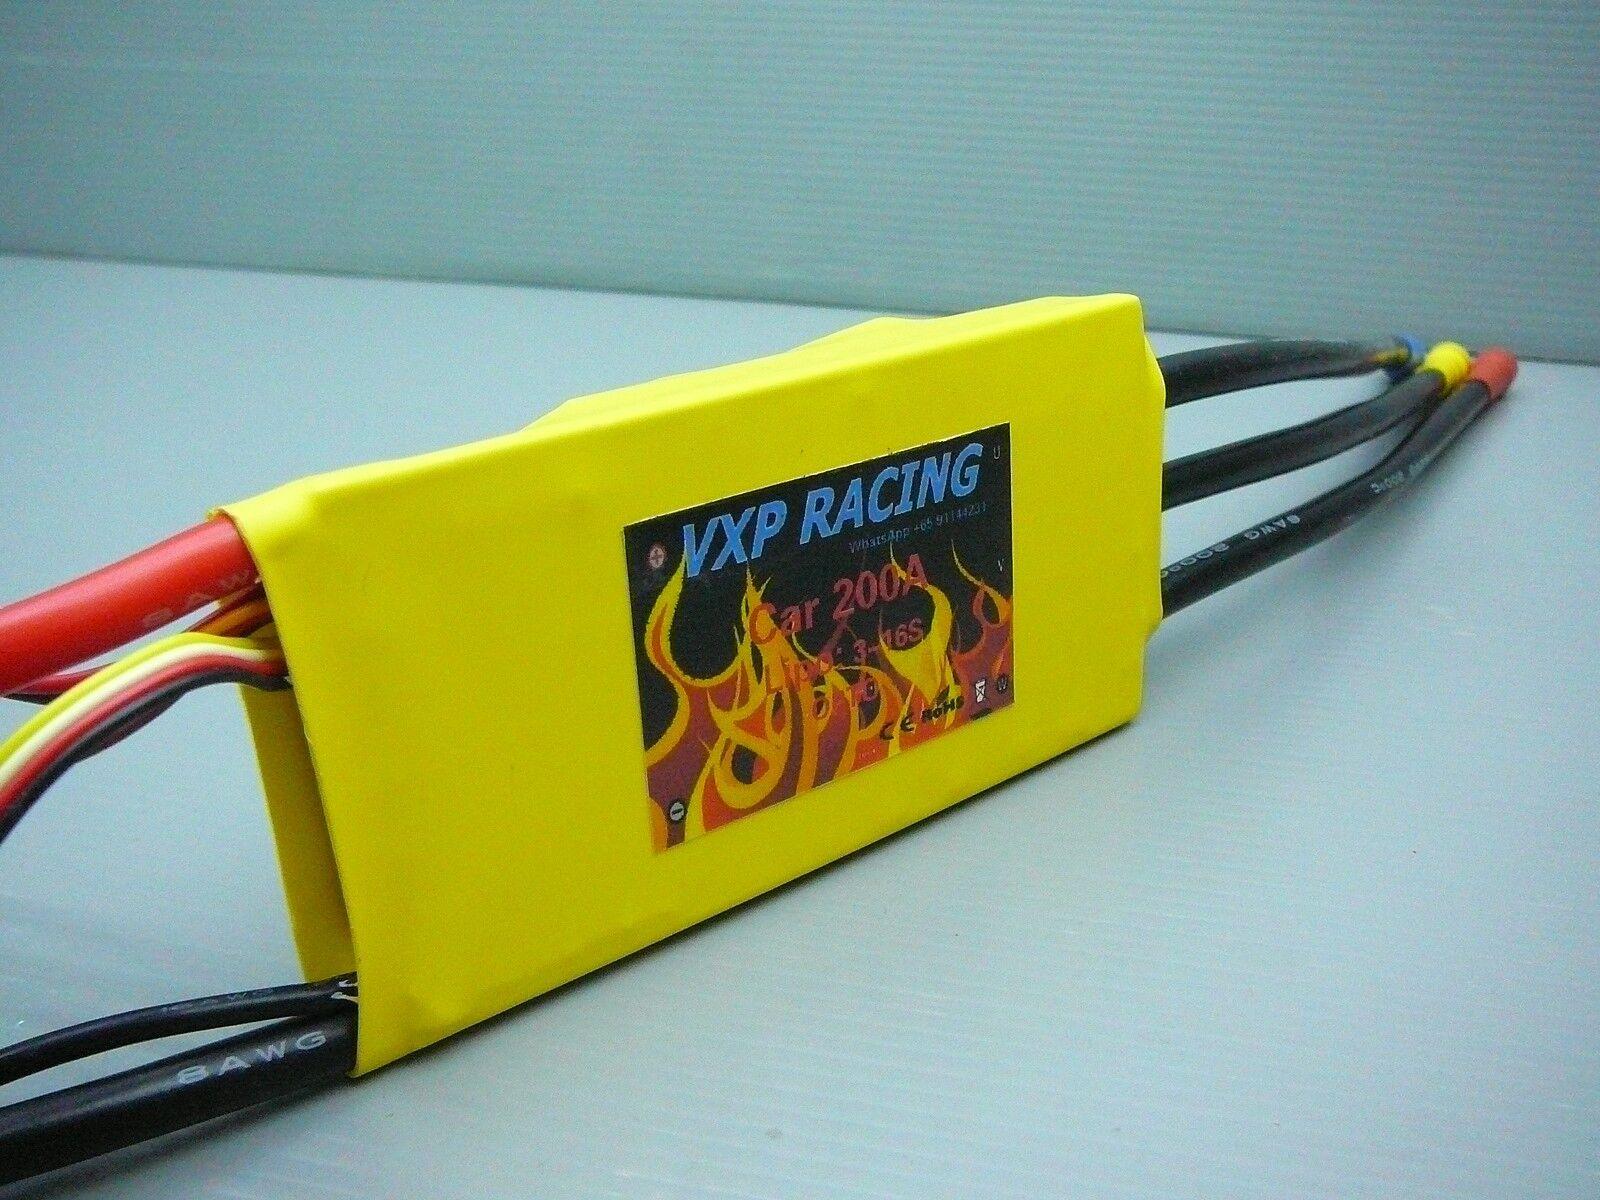 VXP Racing High Power Voltage 200A ESC 3-16S LiPo 1/8 1/7 EP Car